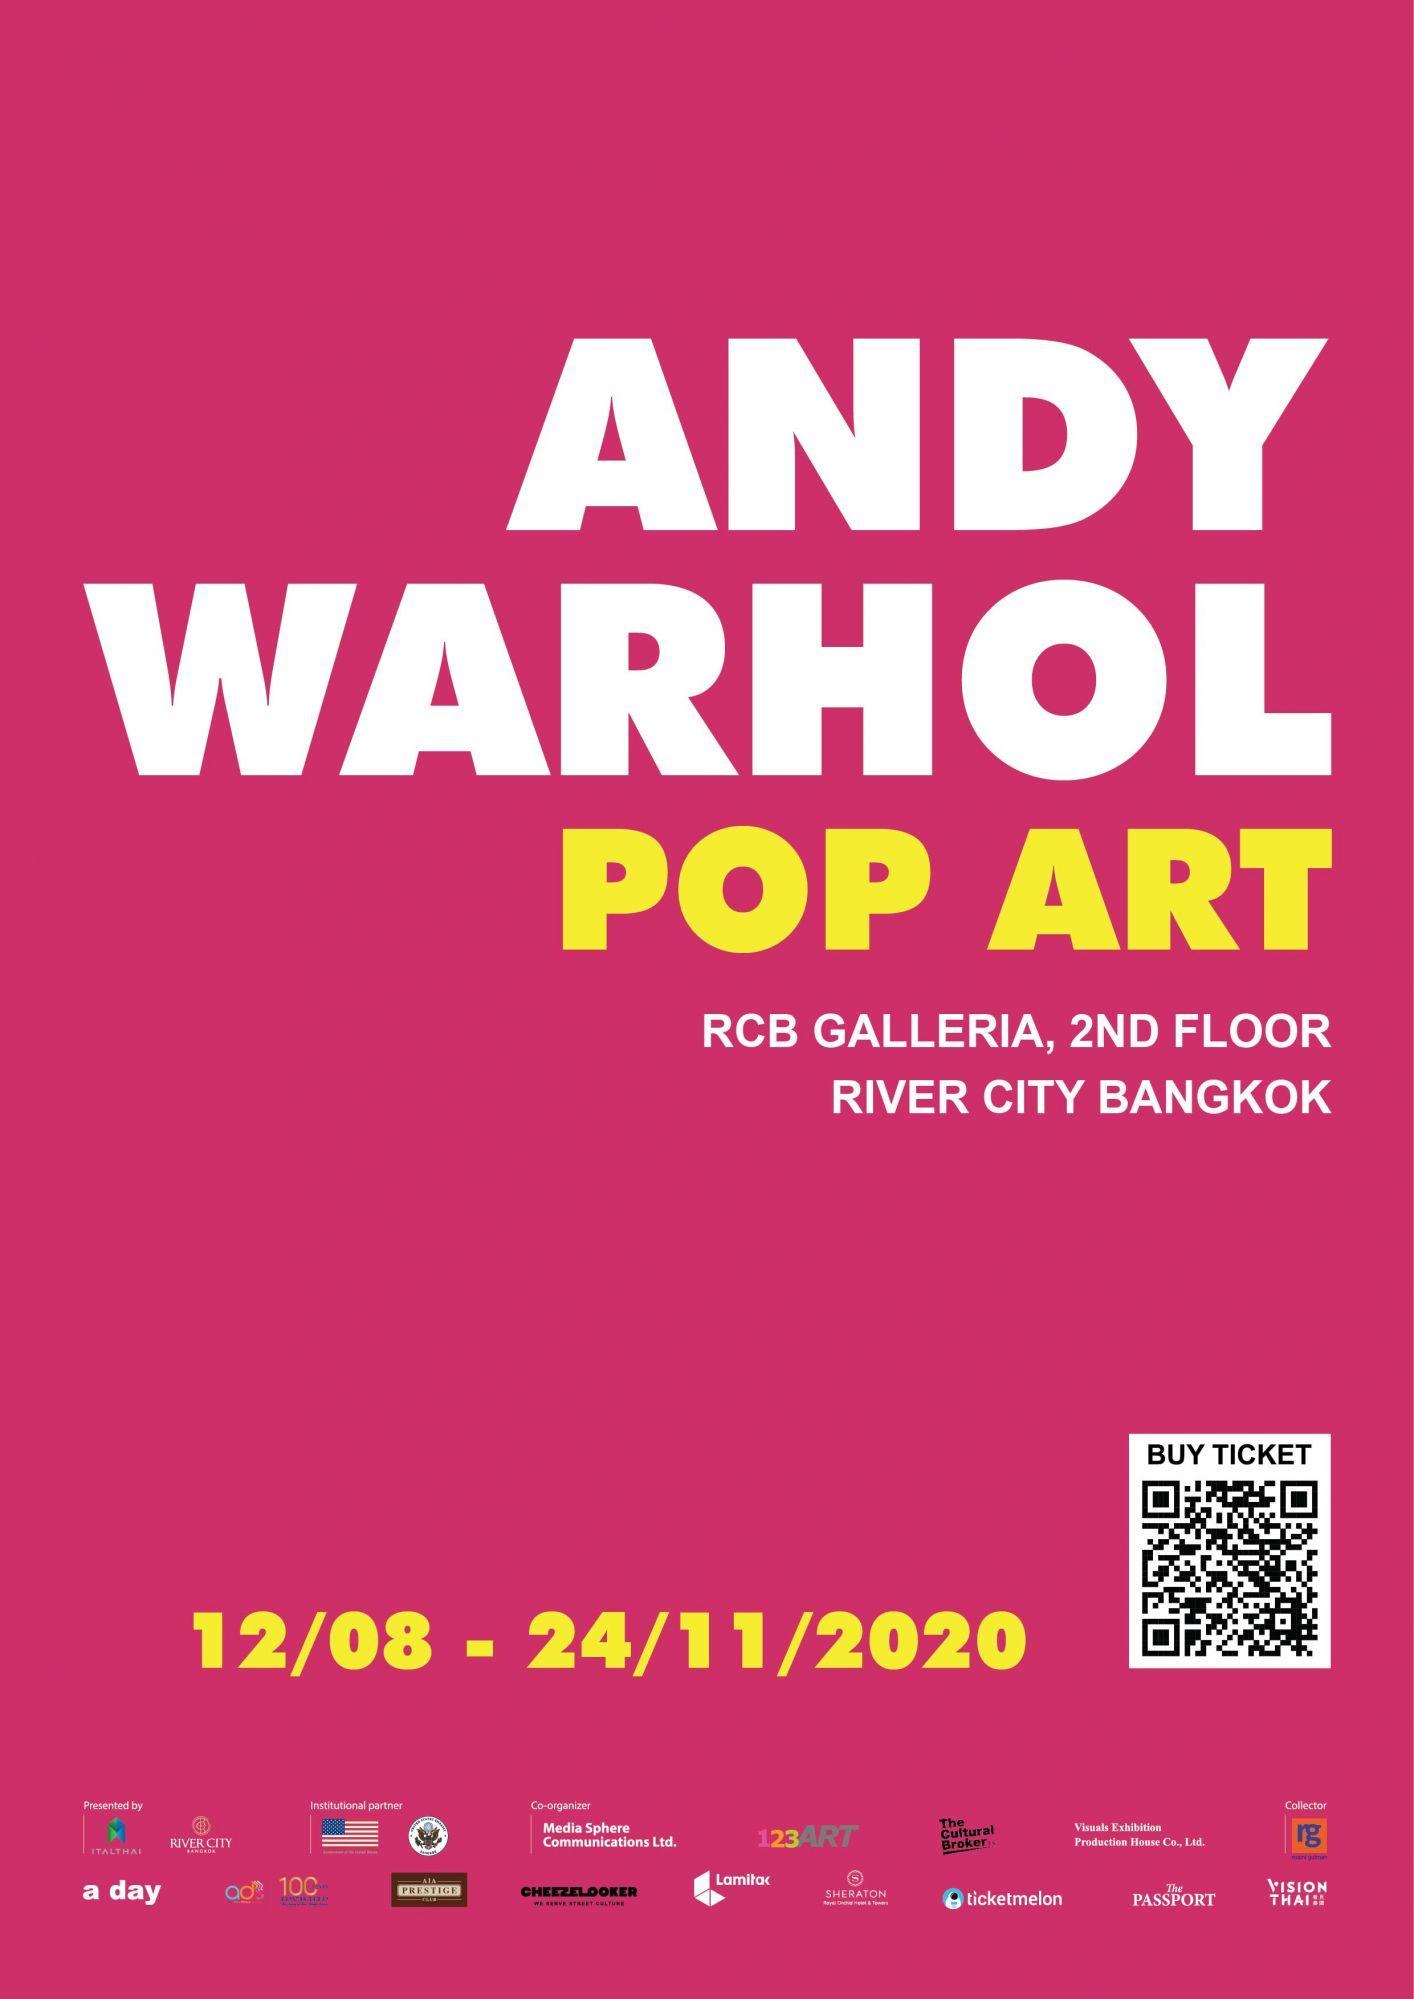 River City Bangkok ภูมิใจเสนอ นิทรรศการ 'Andy Warhol: Pop Art'